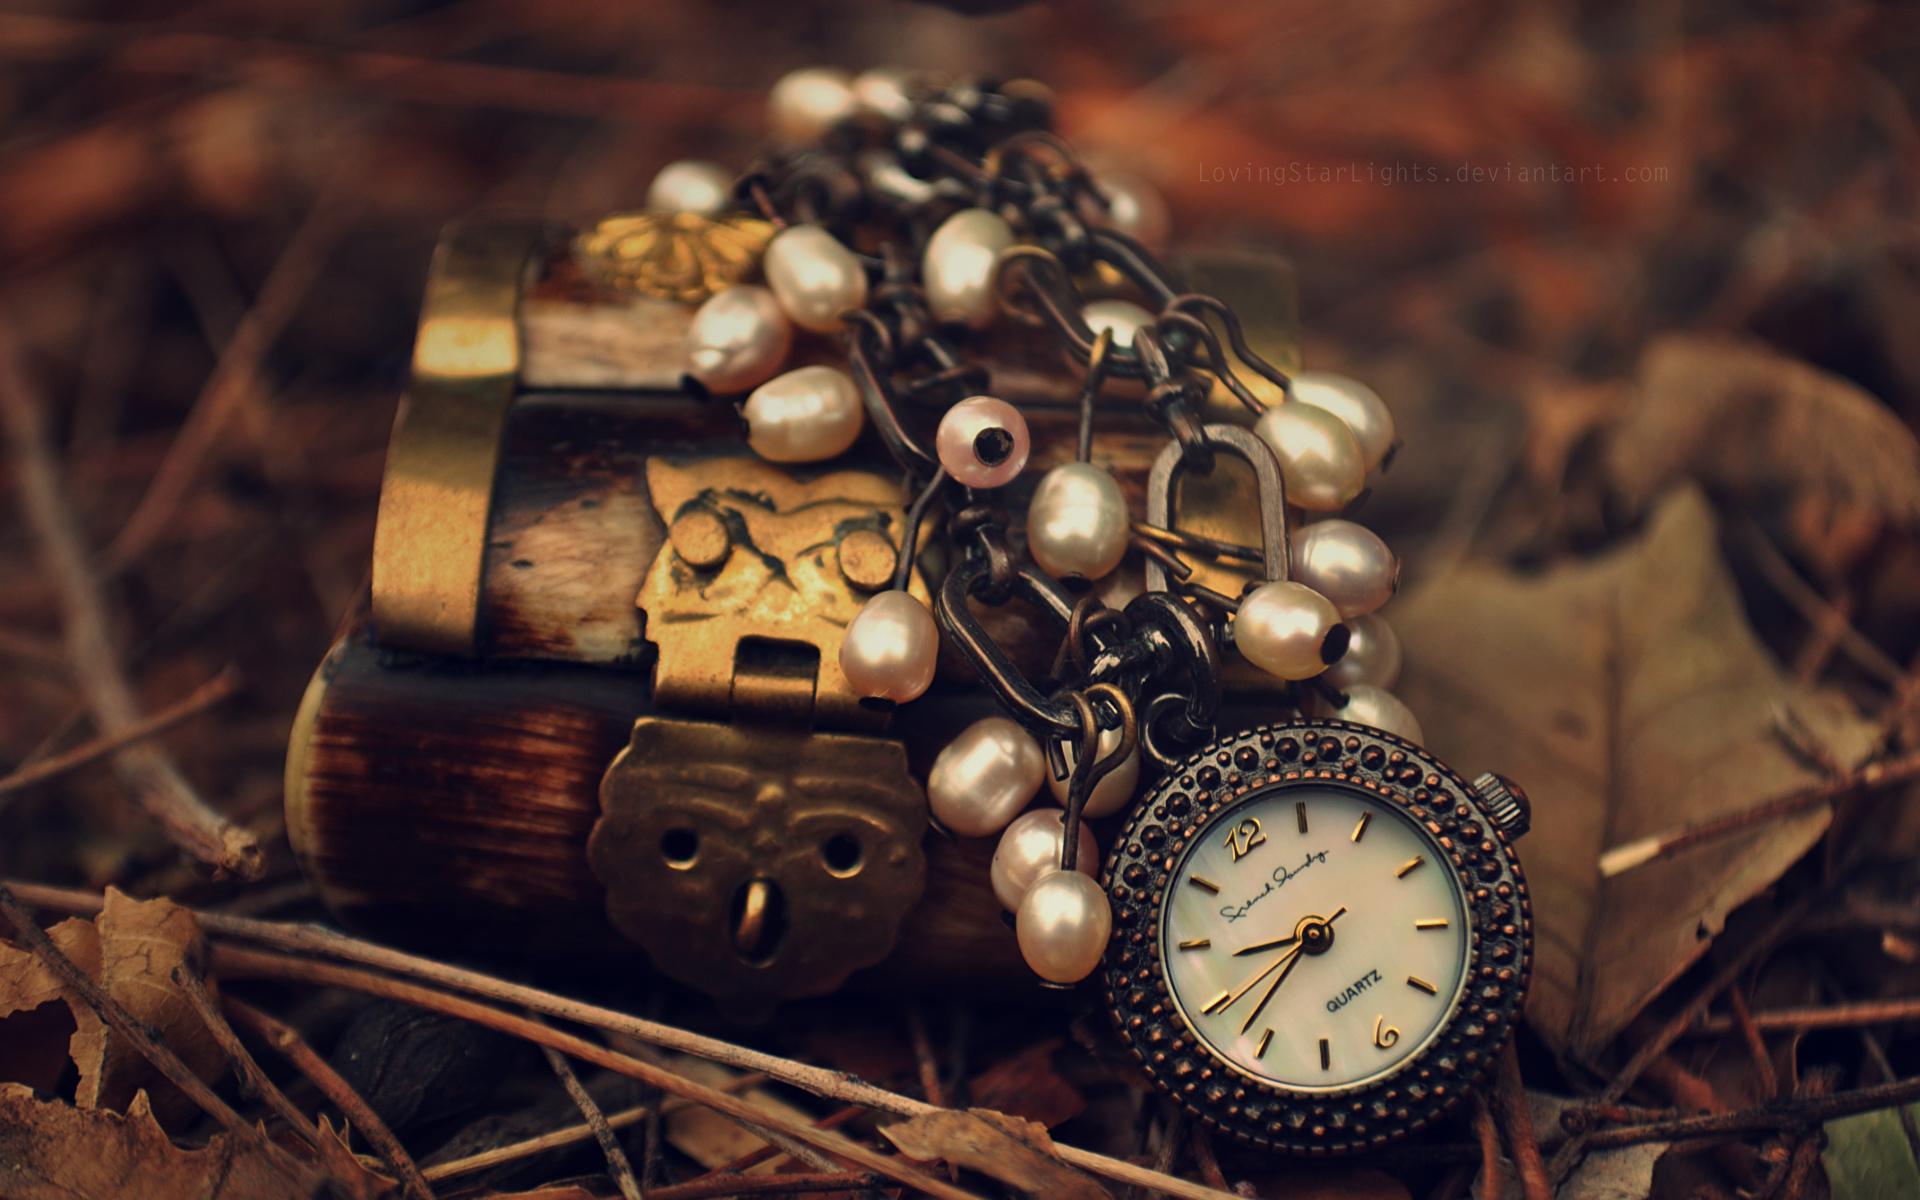 Карманные часы и скатерть  № 2171653  скачать